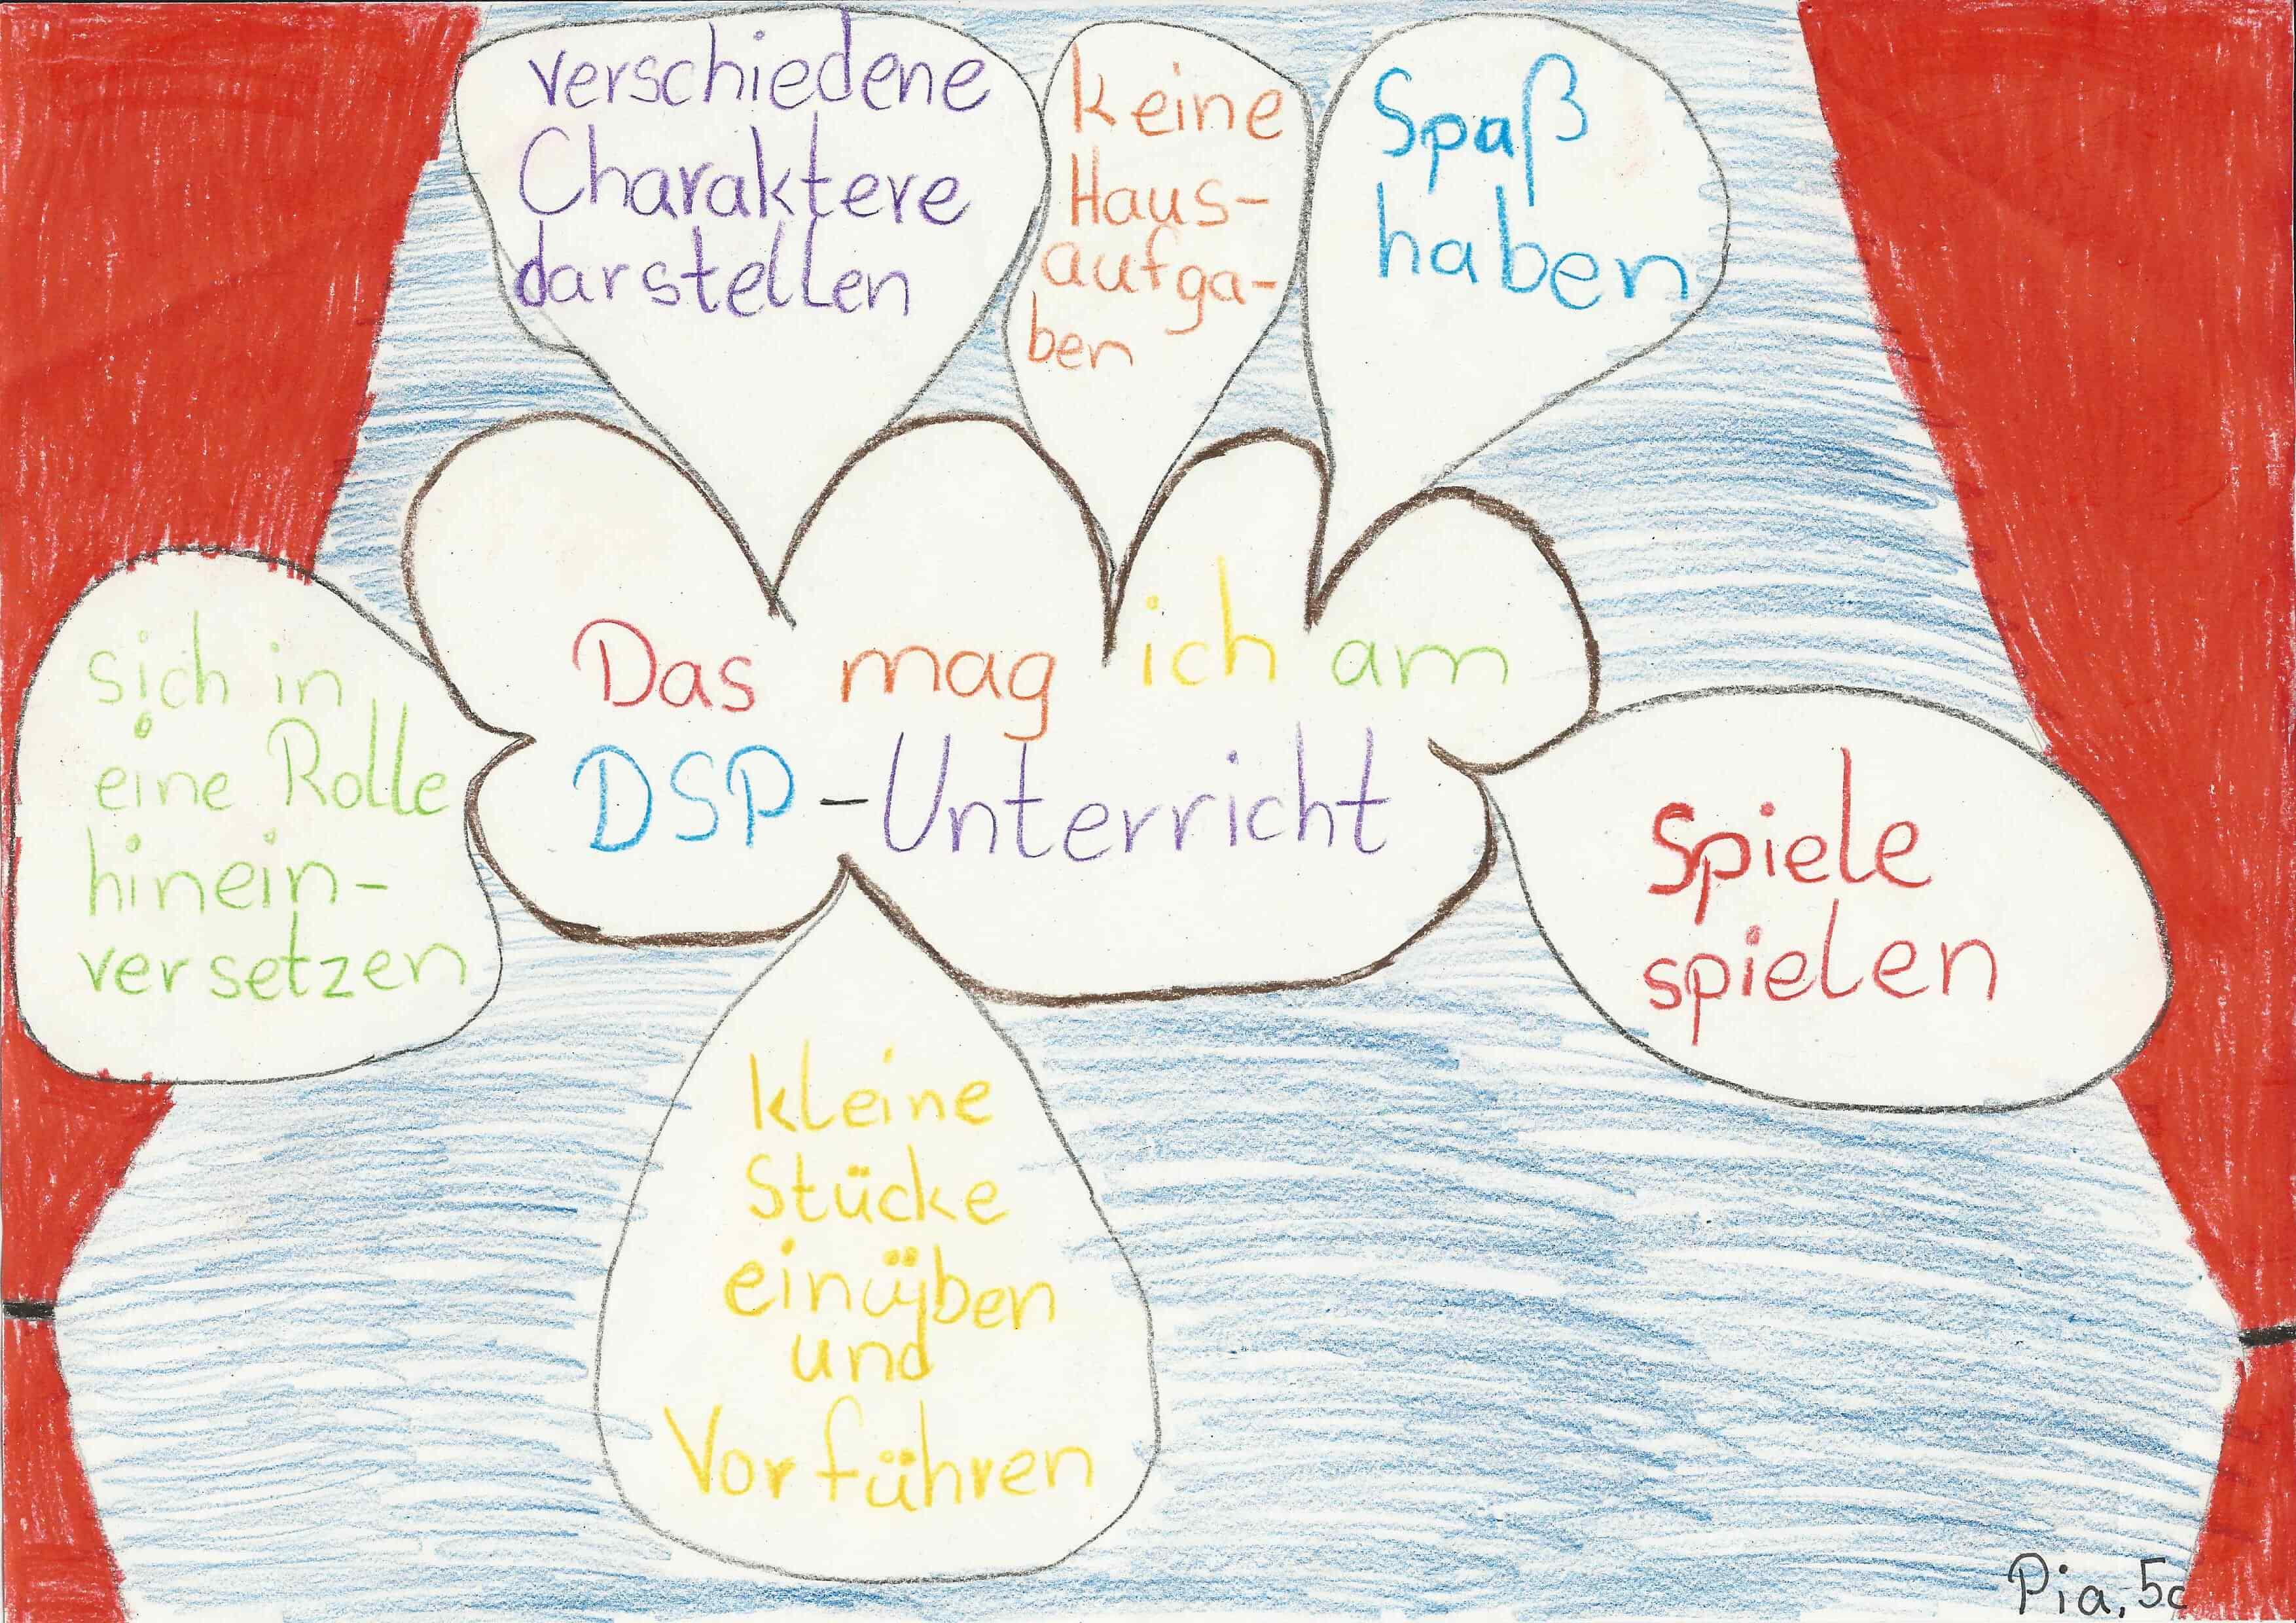 Das_mag_ich_am_DSP-Unterricht-1.jpg?auto=compress,format&colorquant=1600